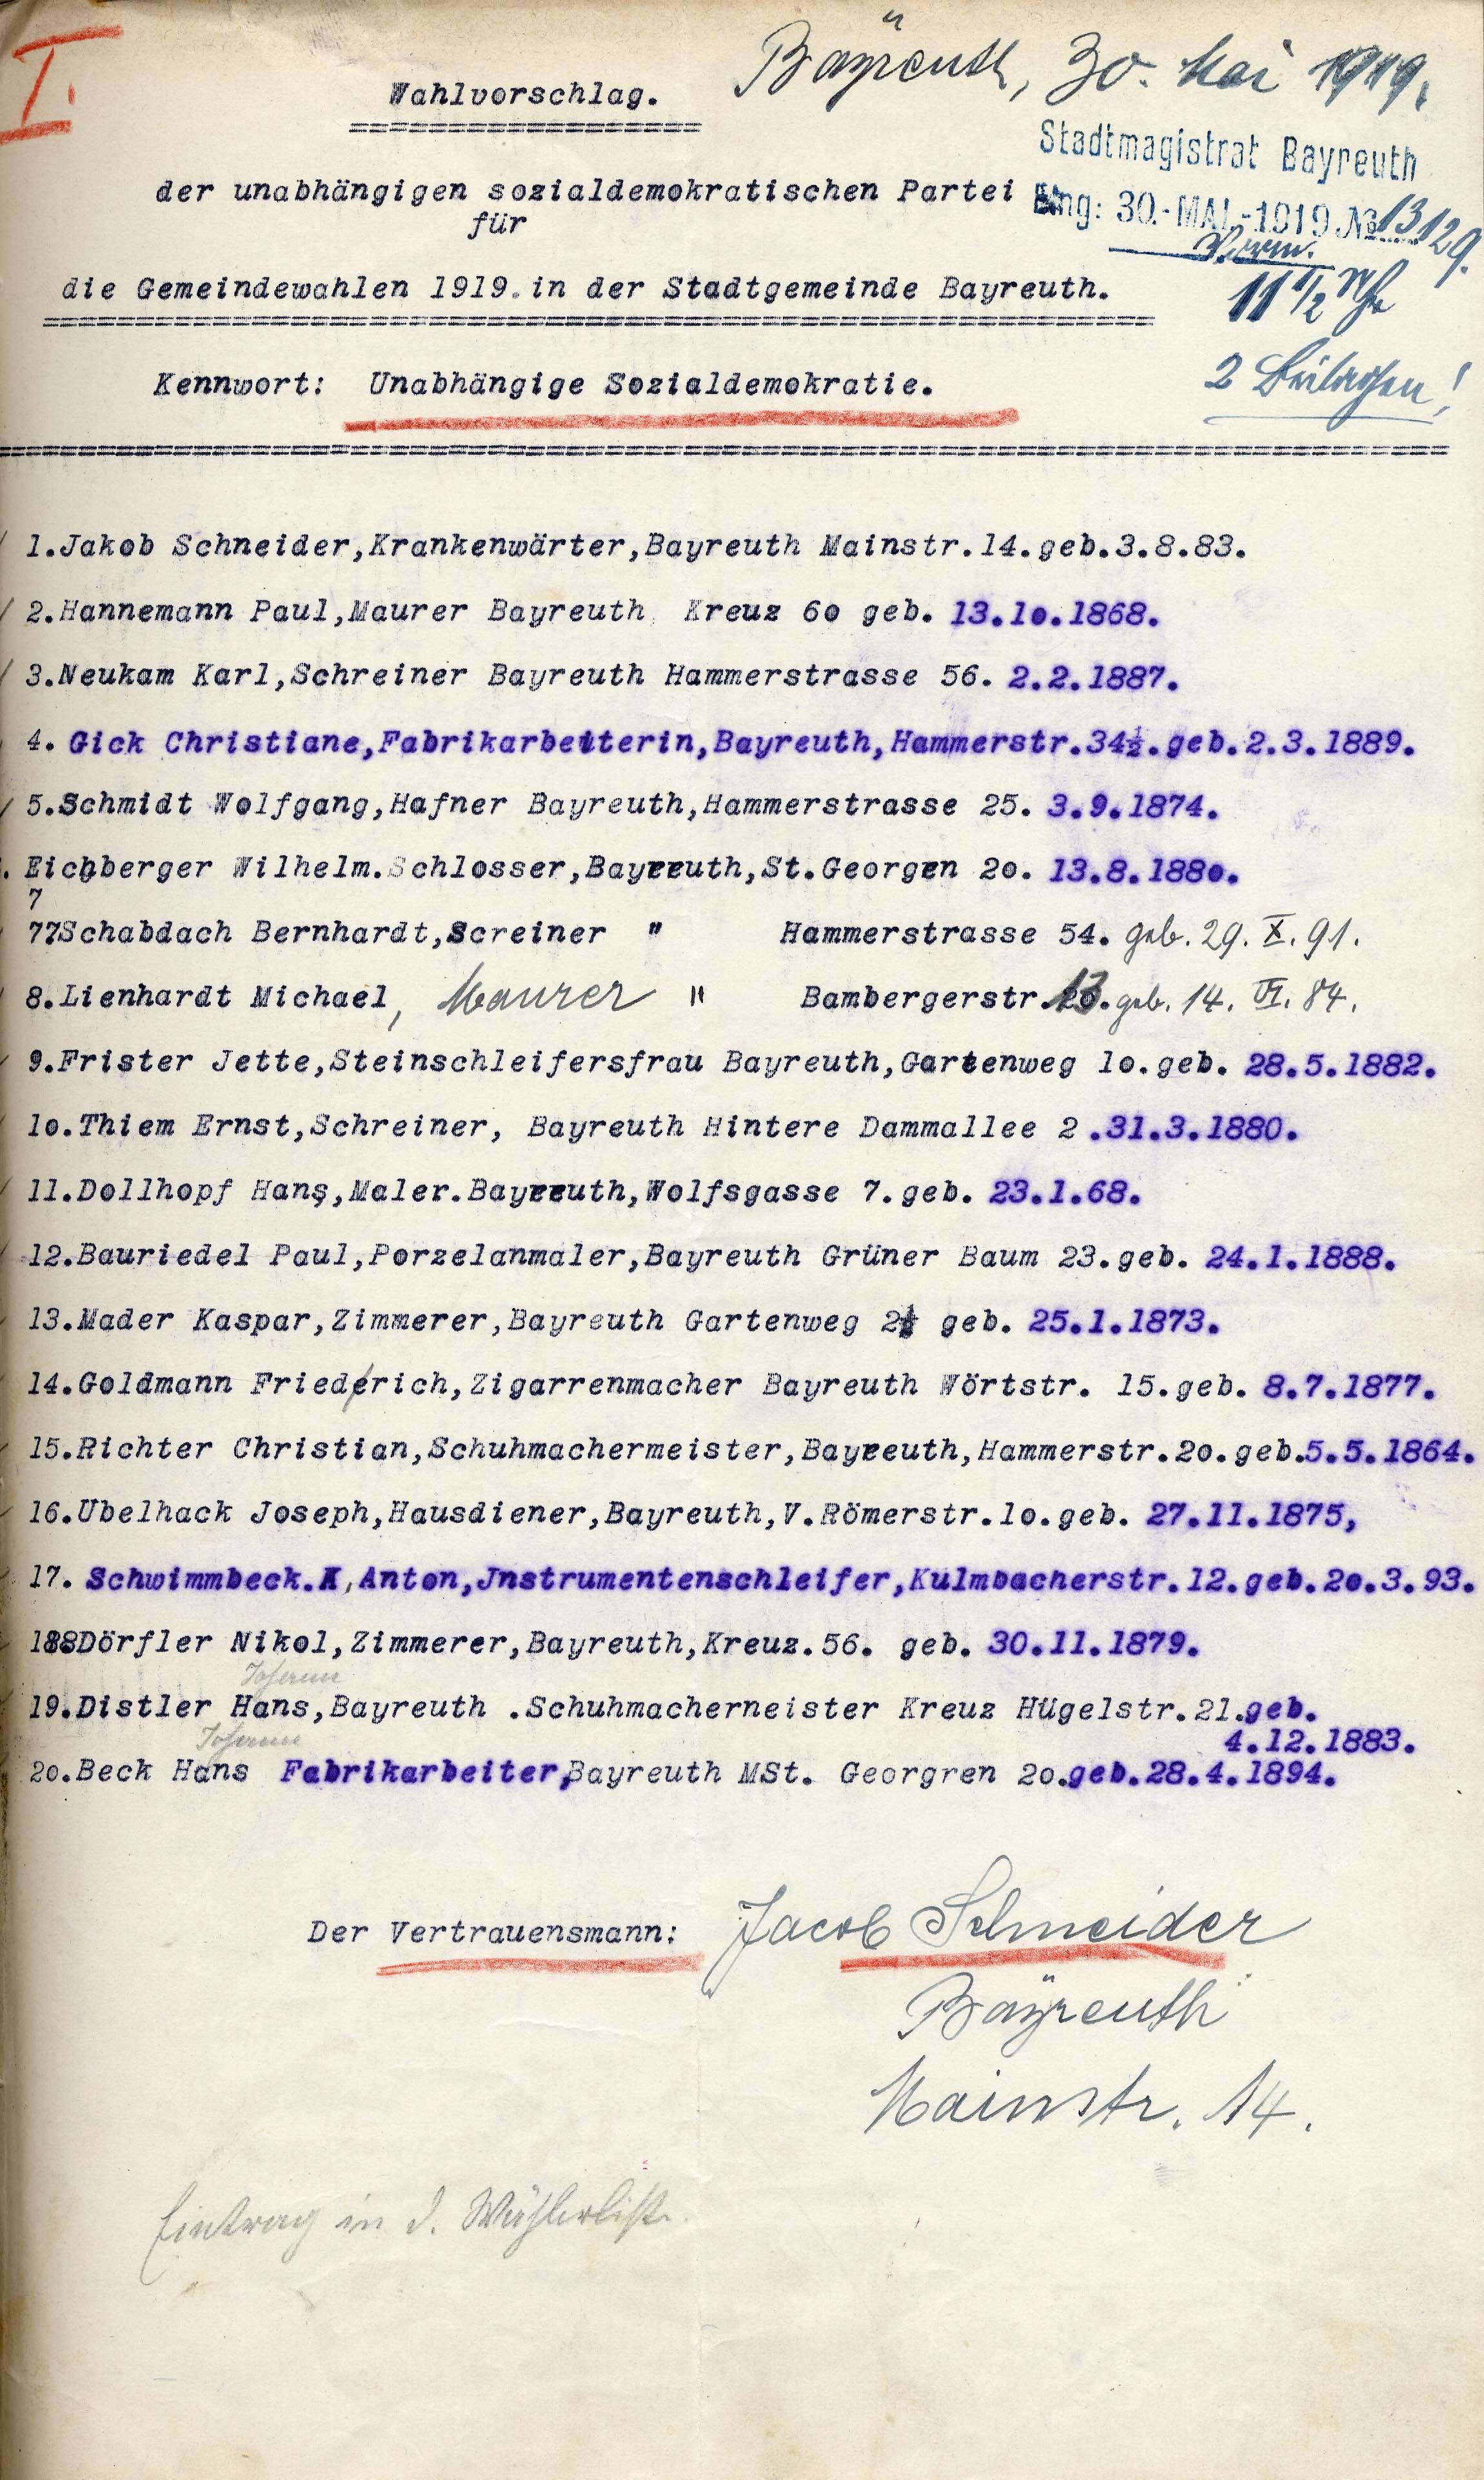 Wahlvorschlagsliste der Unabhängigen Sozialdemokratischen Partei zur Gemeindewahl 1919 in Bayreuth